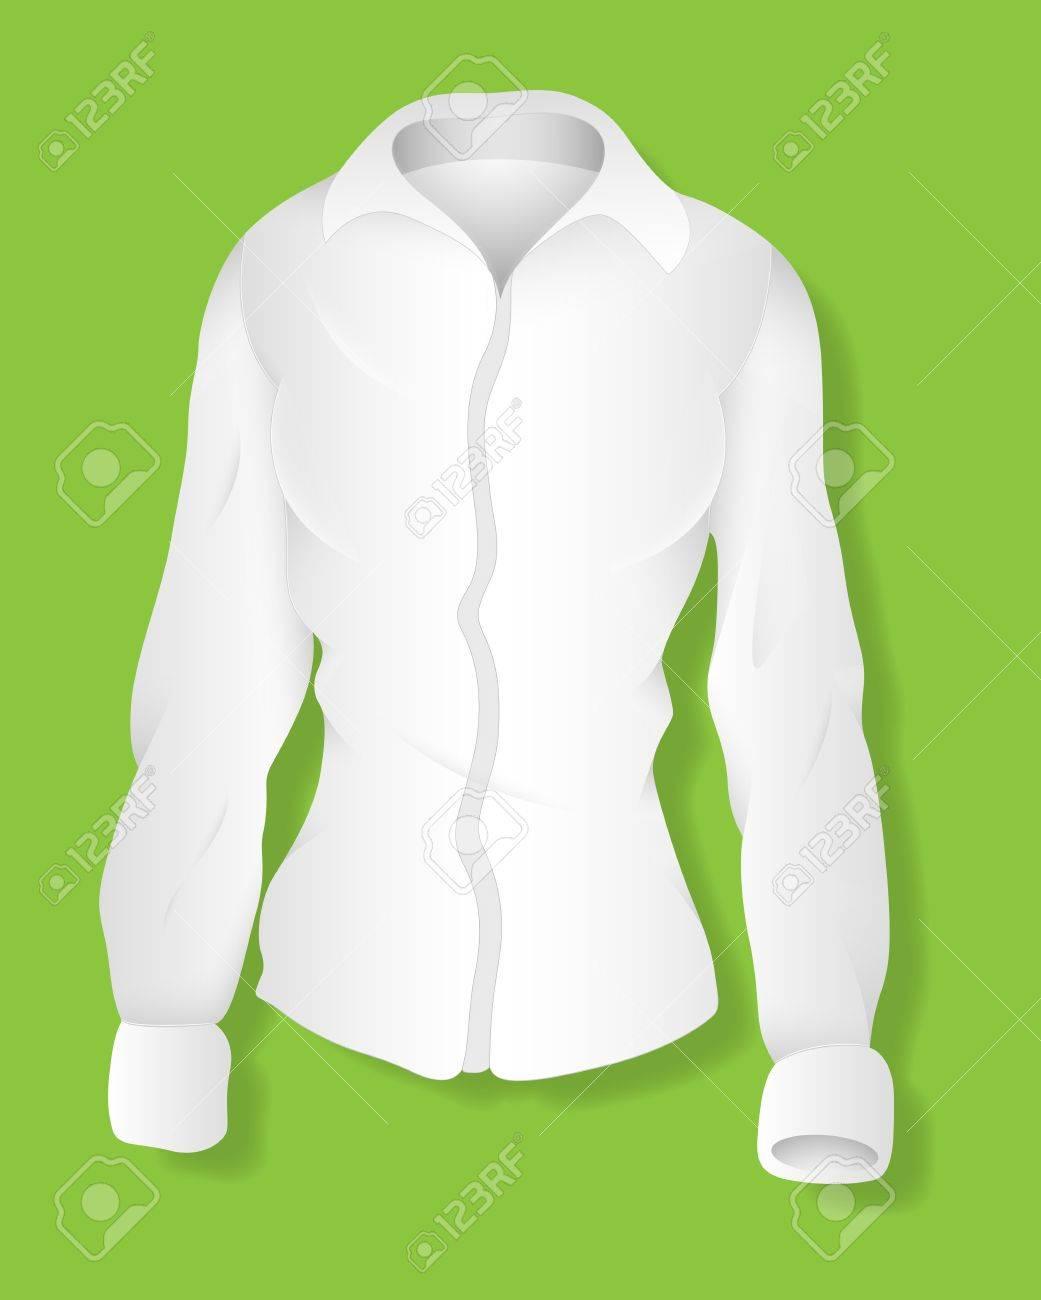 Shirt design illustrator template - Vector White Long Sleeves Female Shirt Design Illustration Template